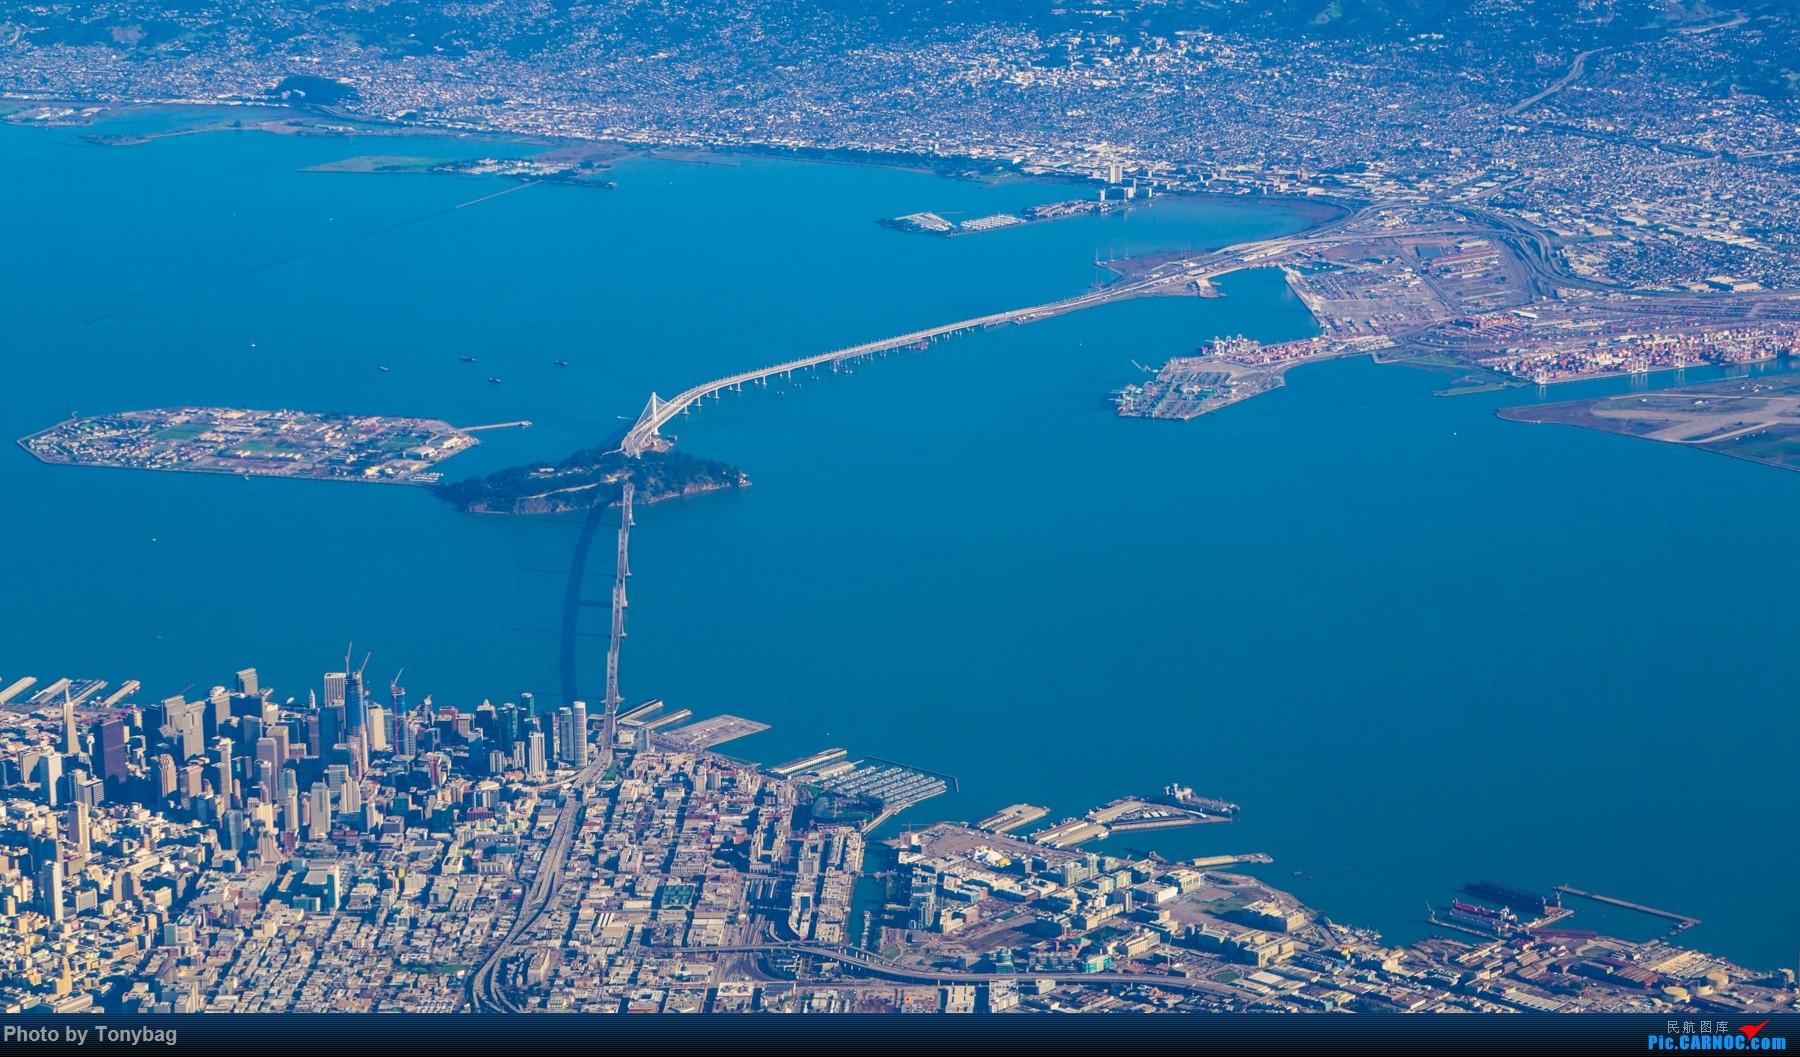 Re:[原创]从盐湖城冰天雪地到温暖南加圣地亚哥(附旧金山拍机)